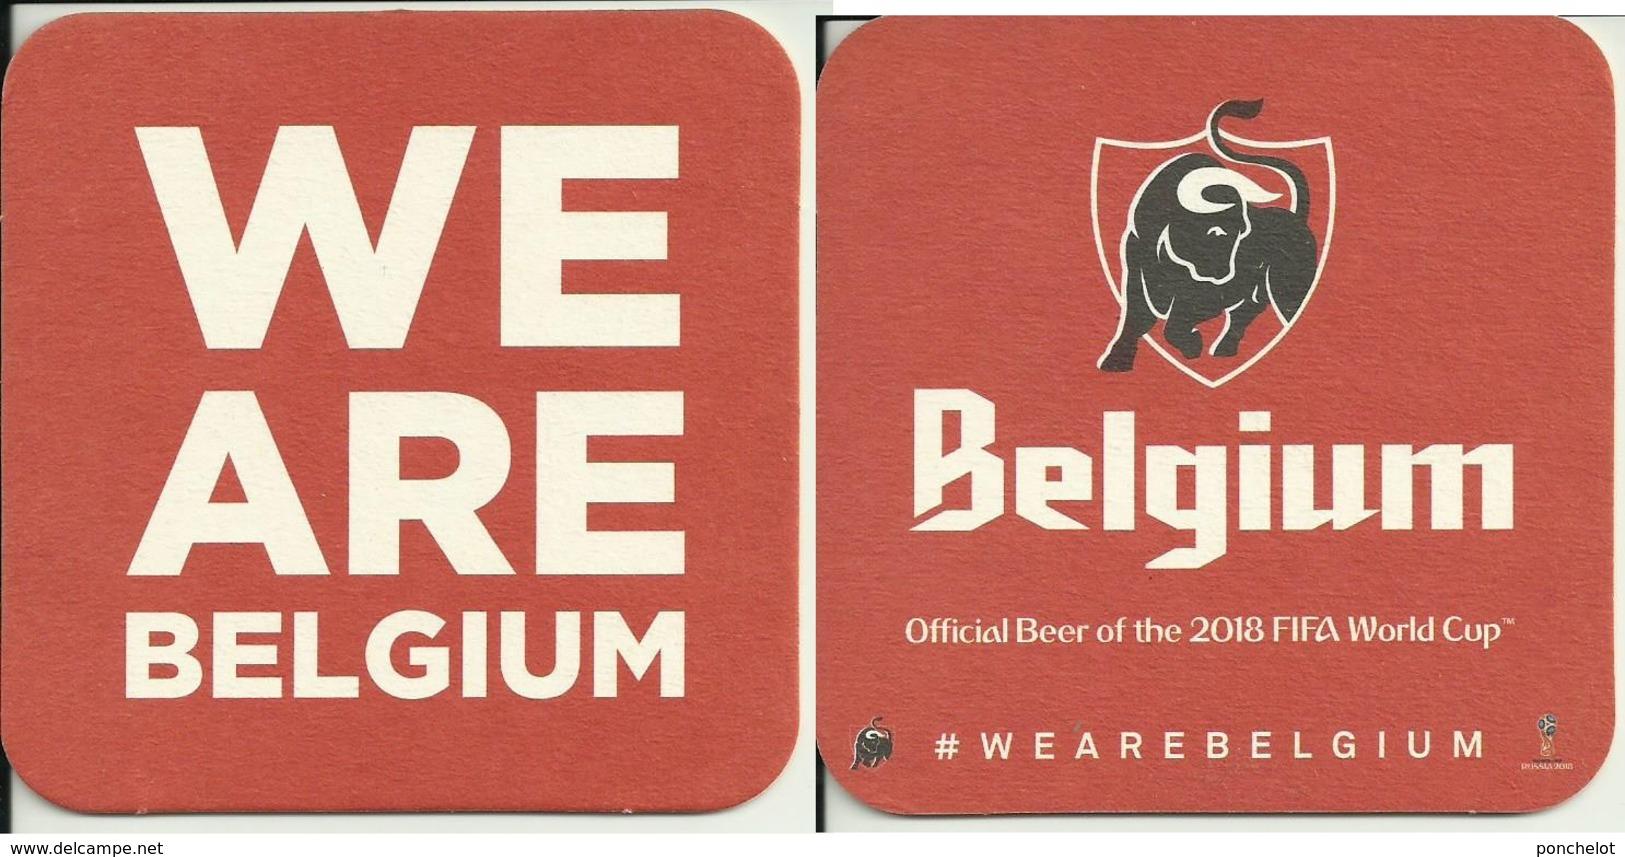 SB JUPILER BELGIUM WE ARE BELGIAN - Sous-bocks